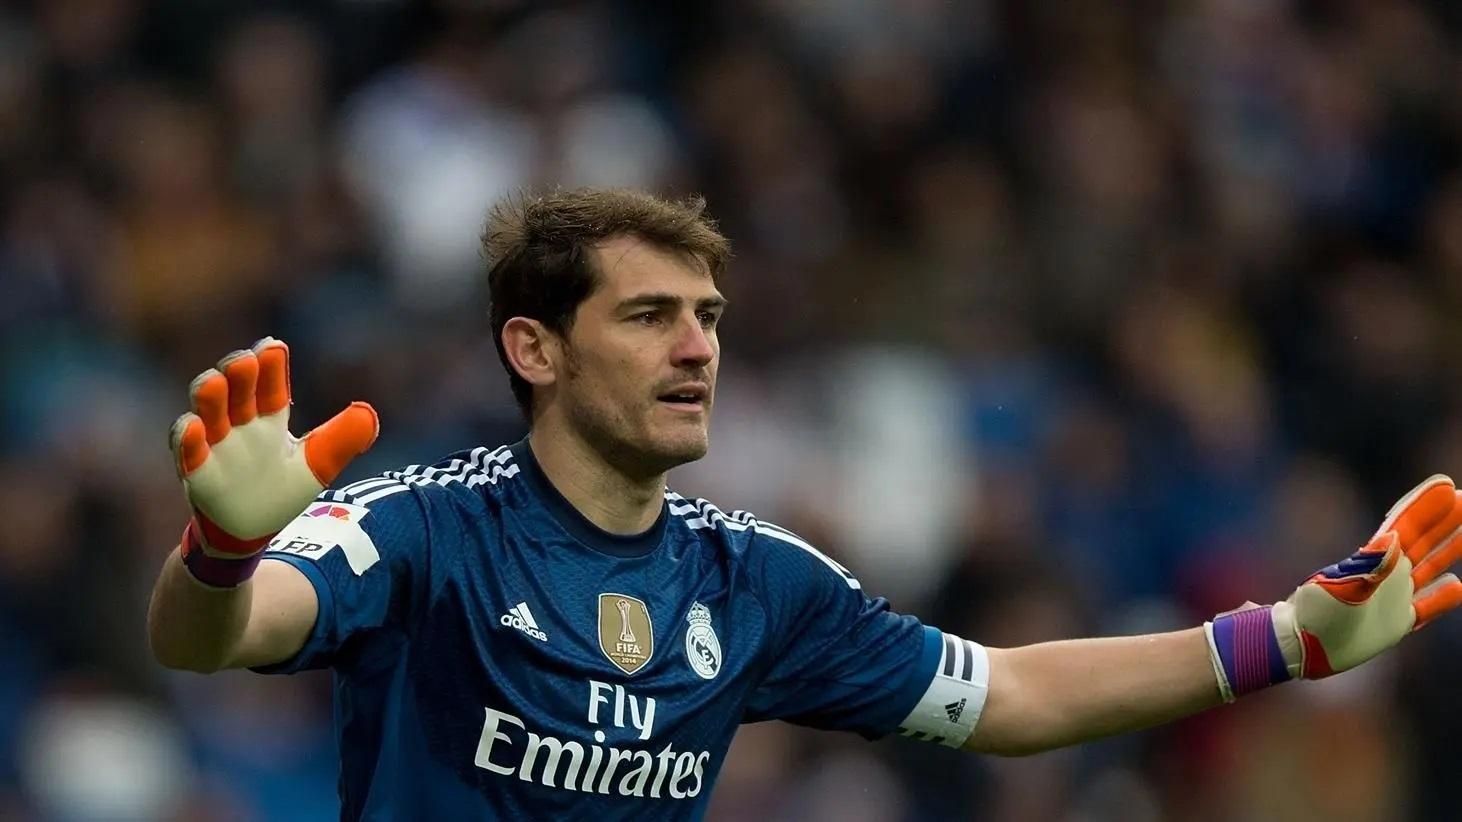 Iker Casillas culmina su carrera en el futbol